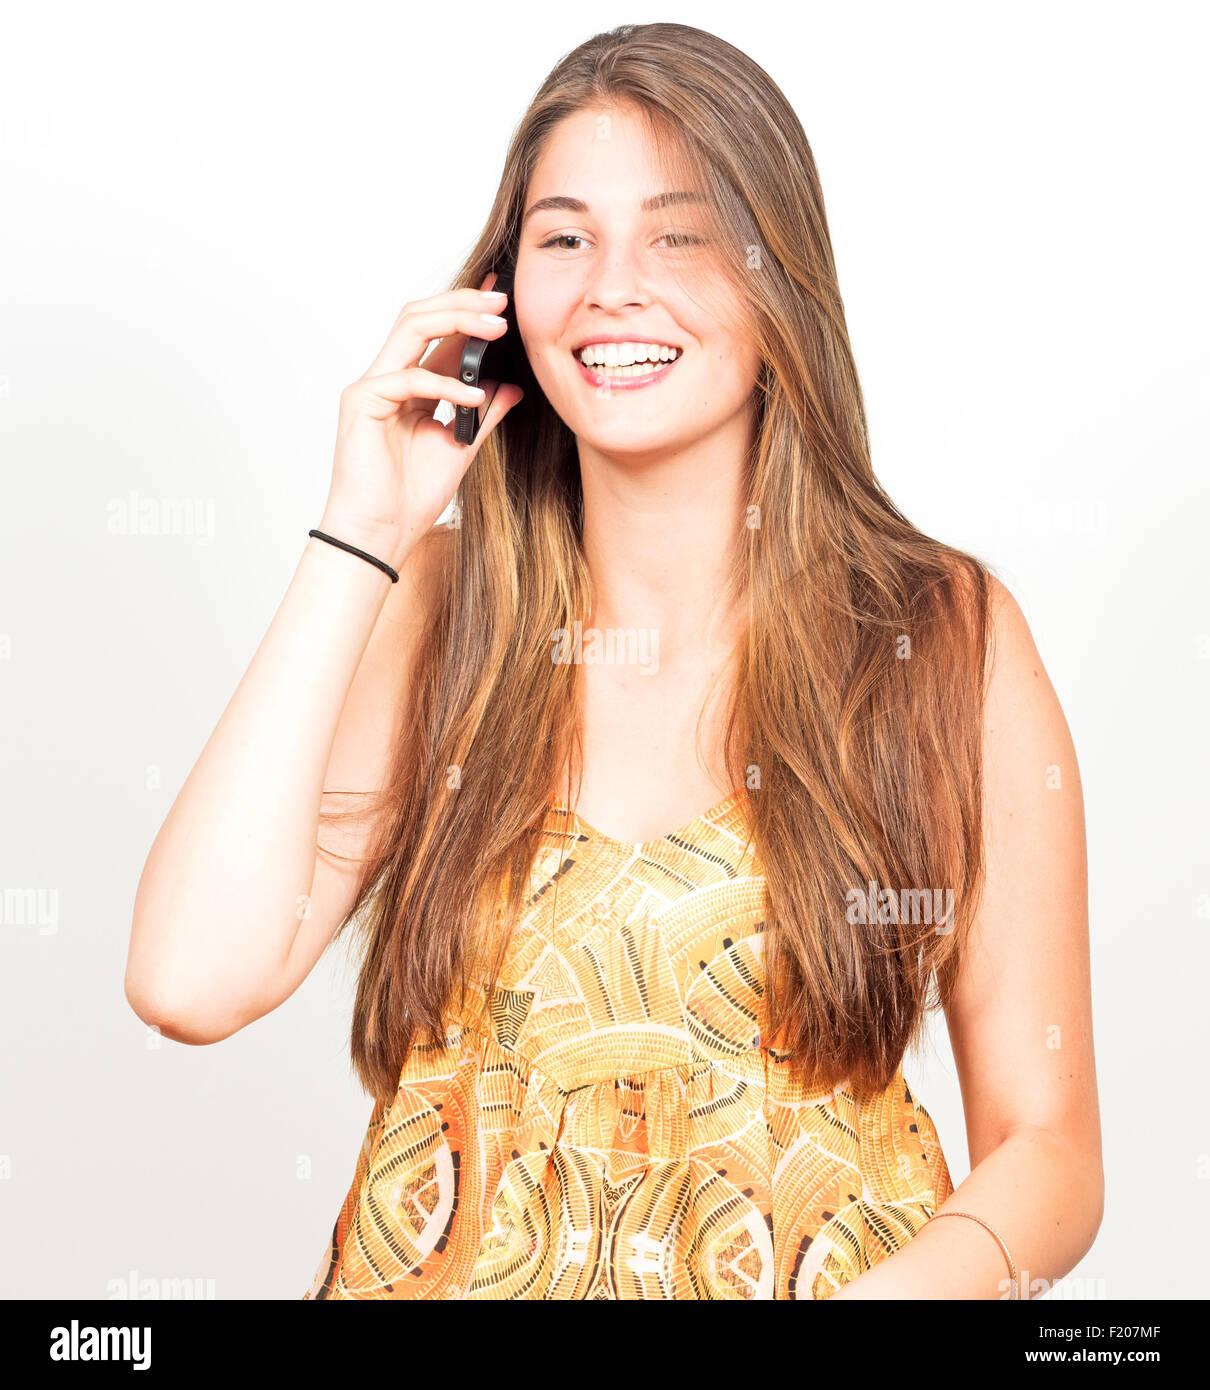 junge Frau telefoniert - Stock Image